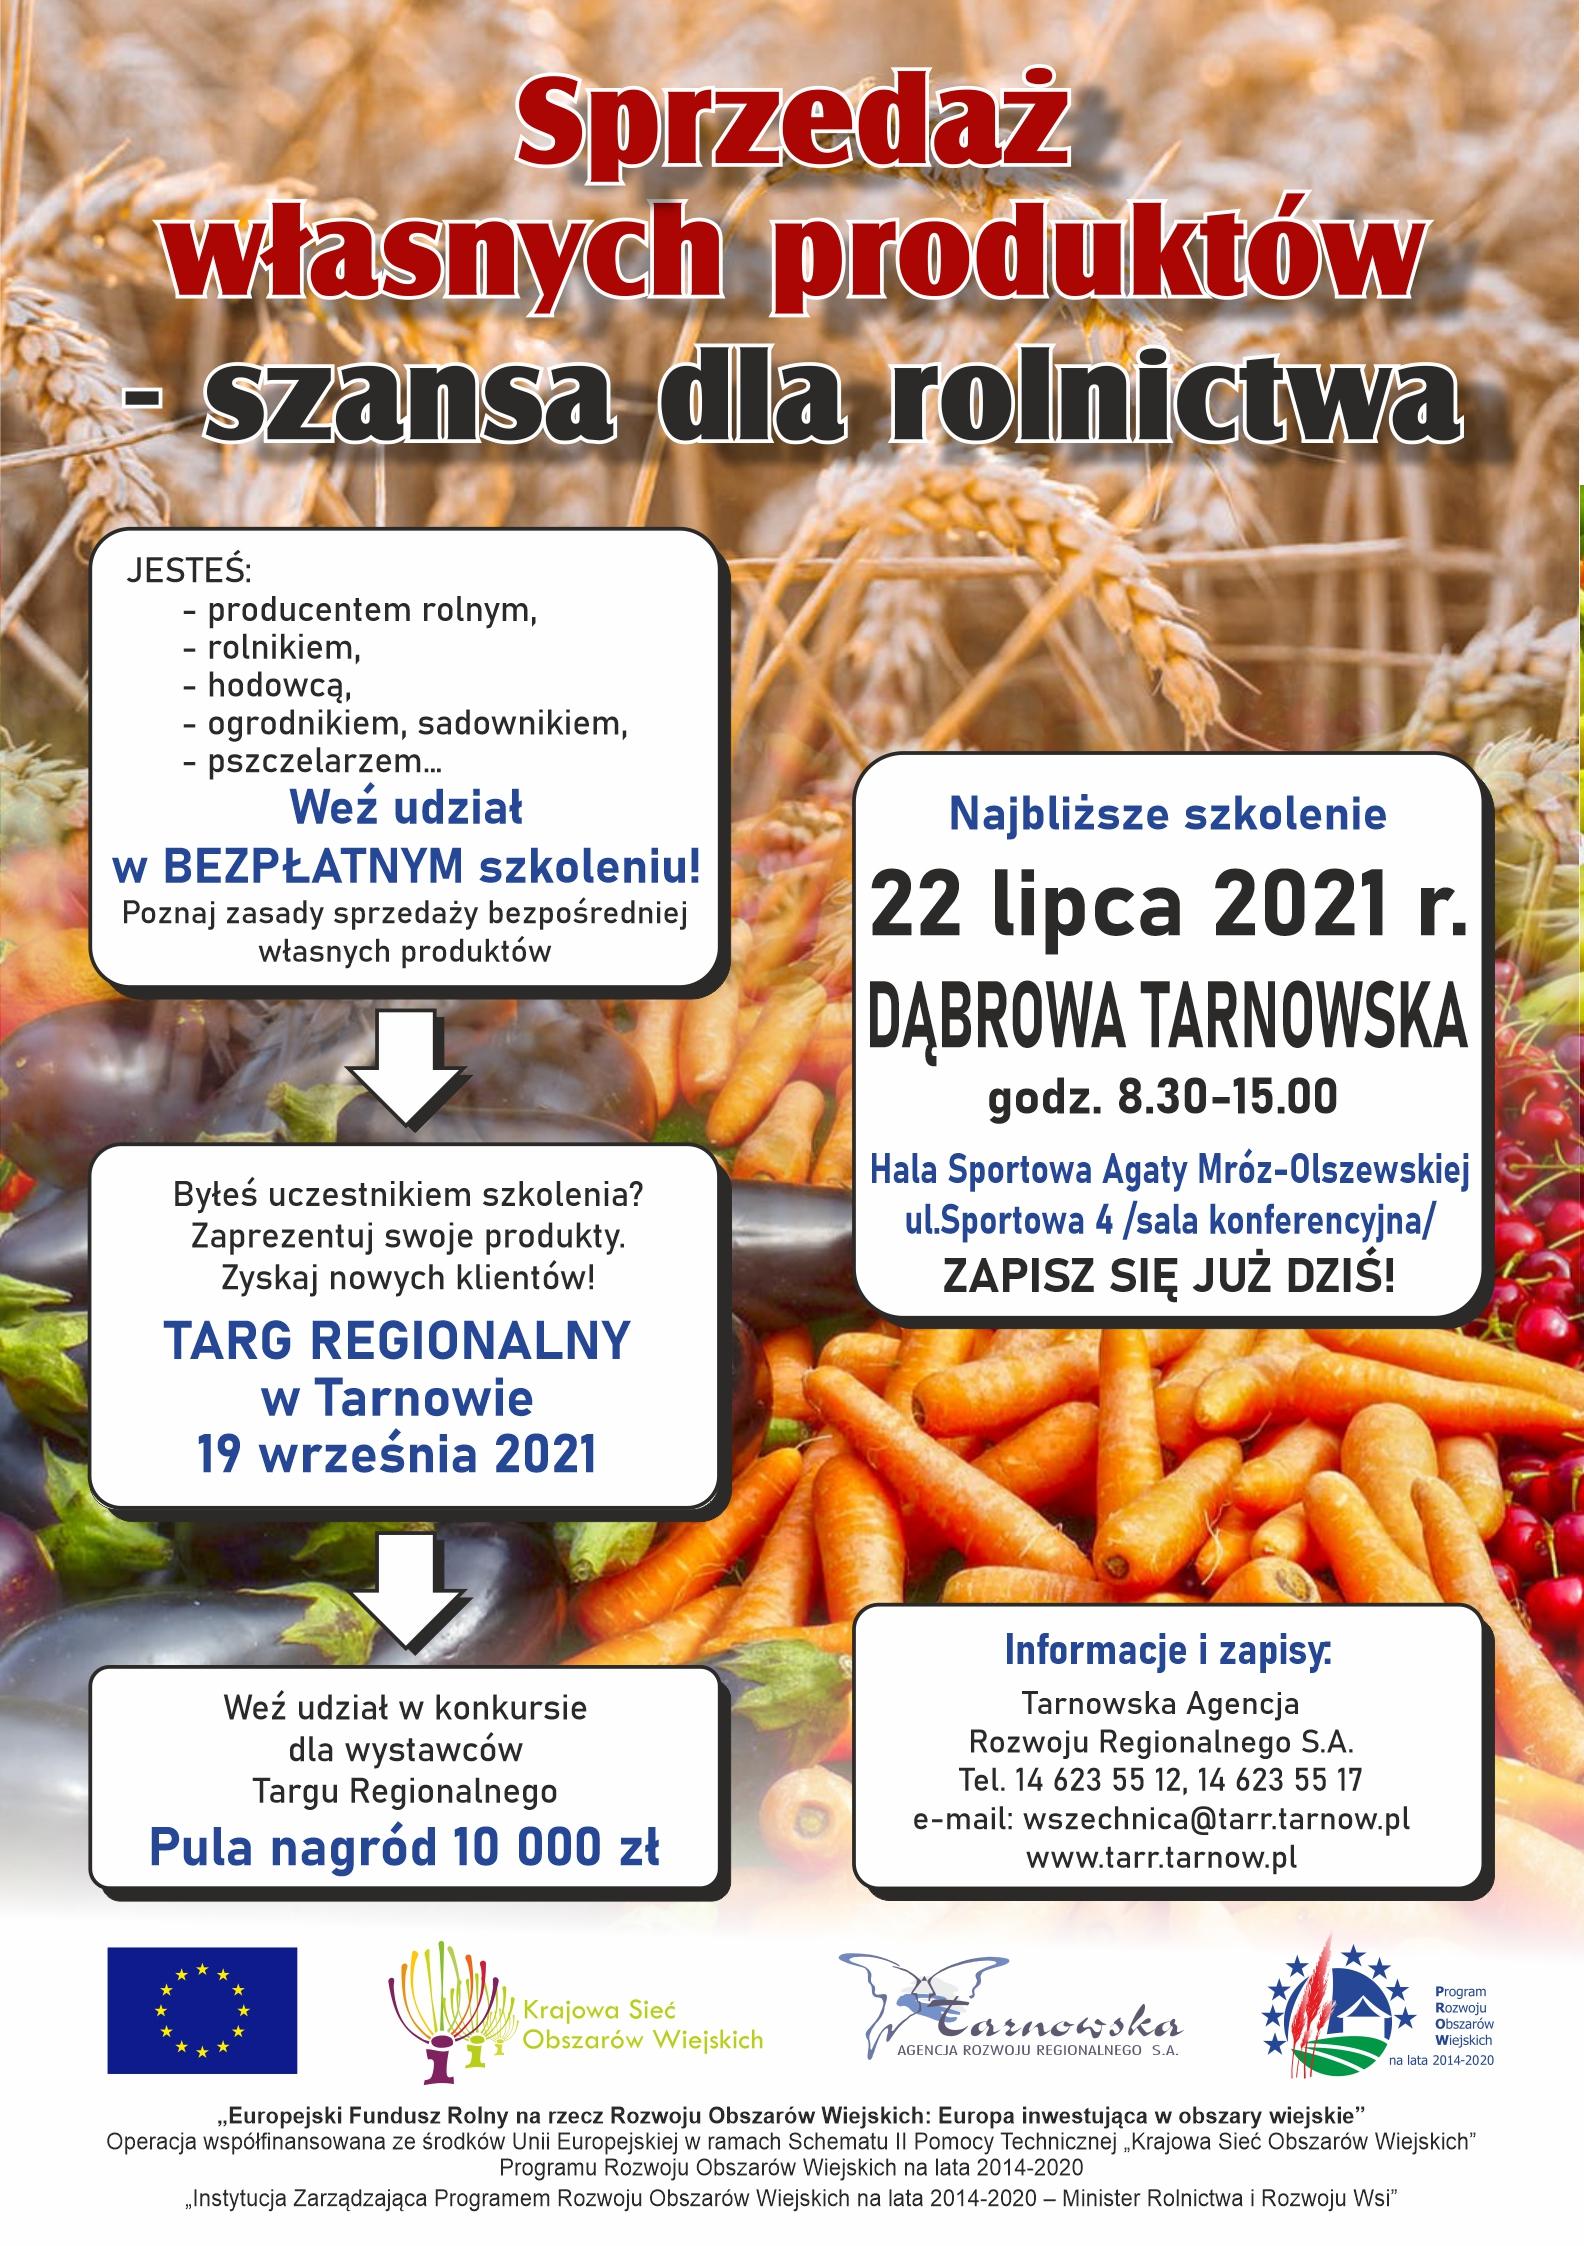 DĄBROWA TARNOWSKA Bezpłatne szkolenie dla rolników!